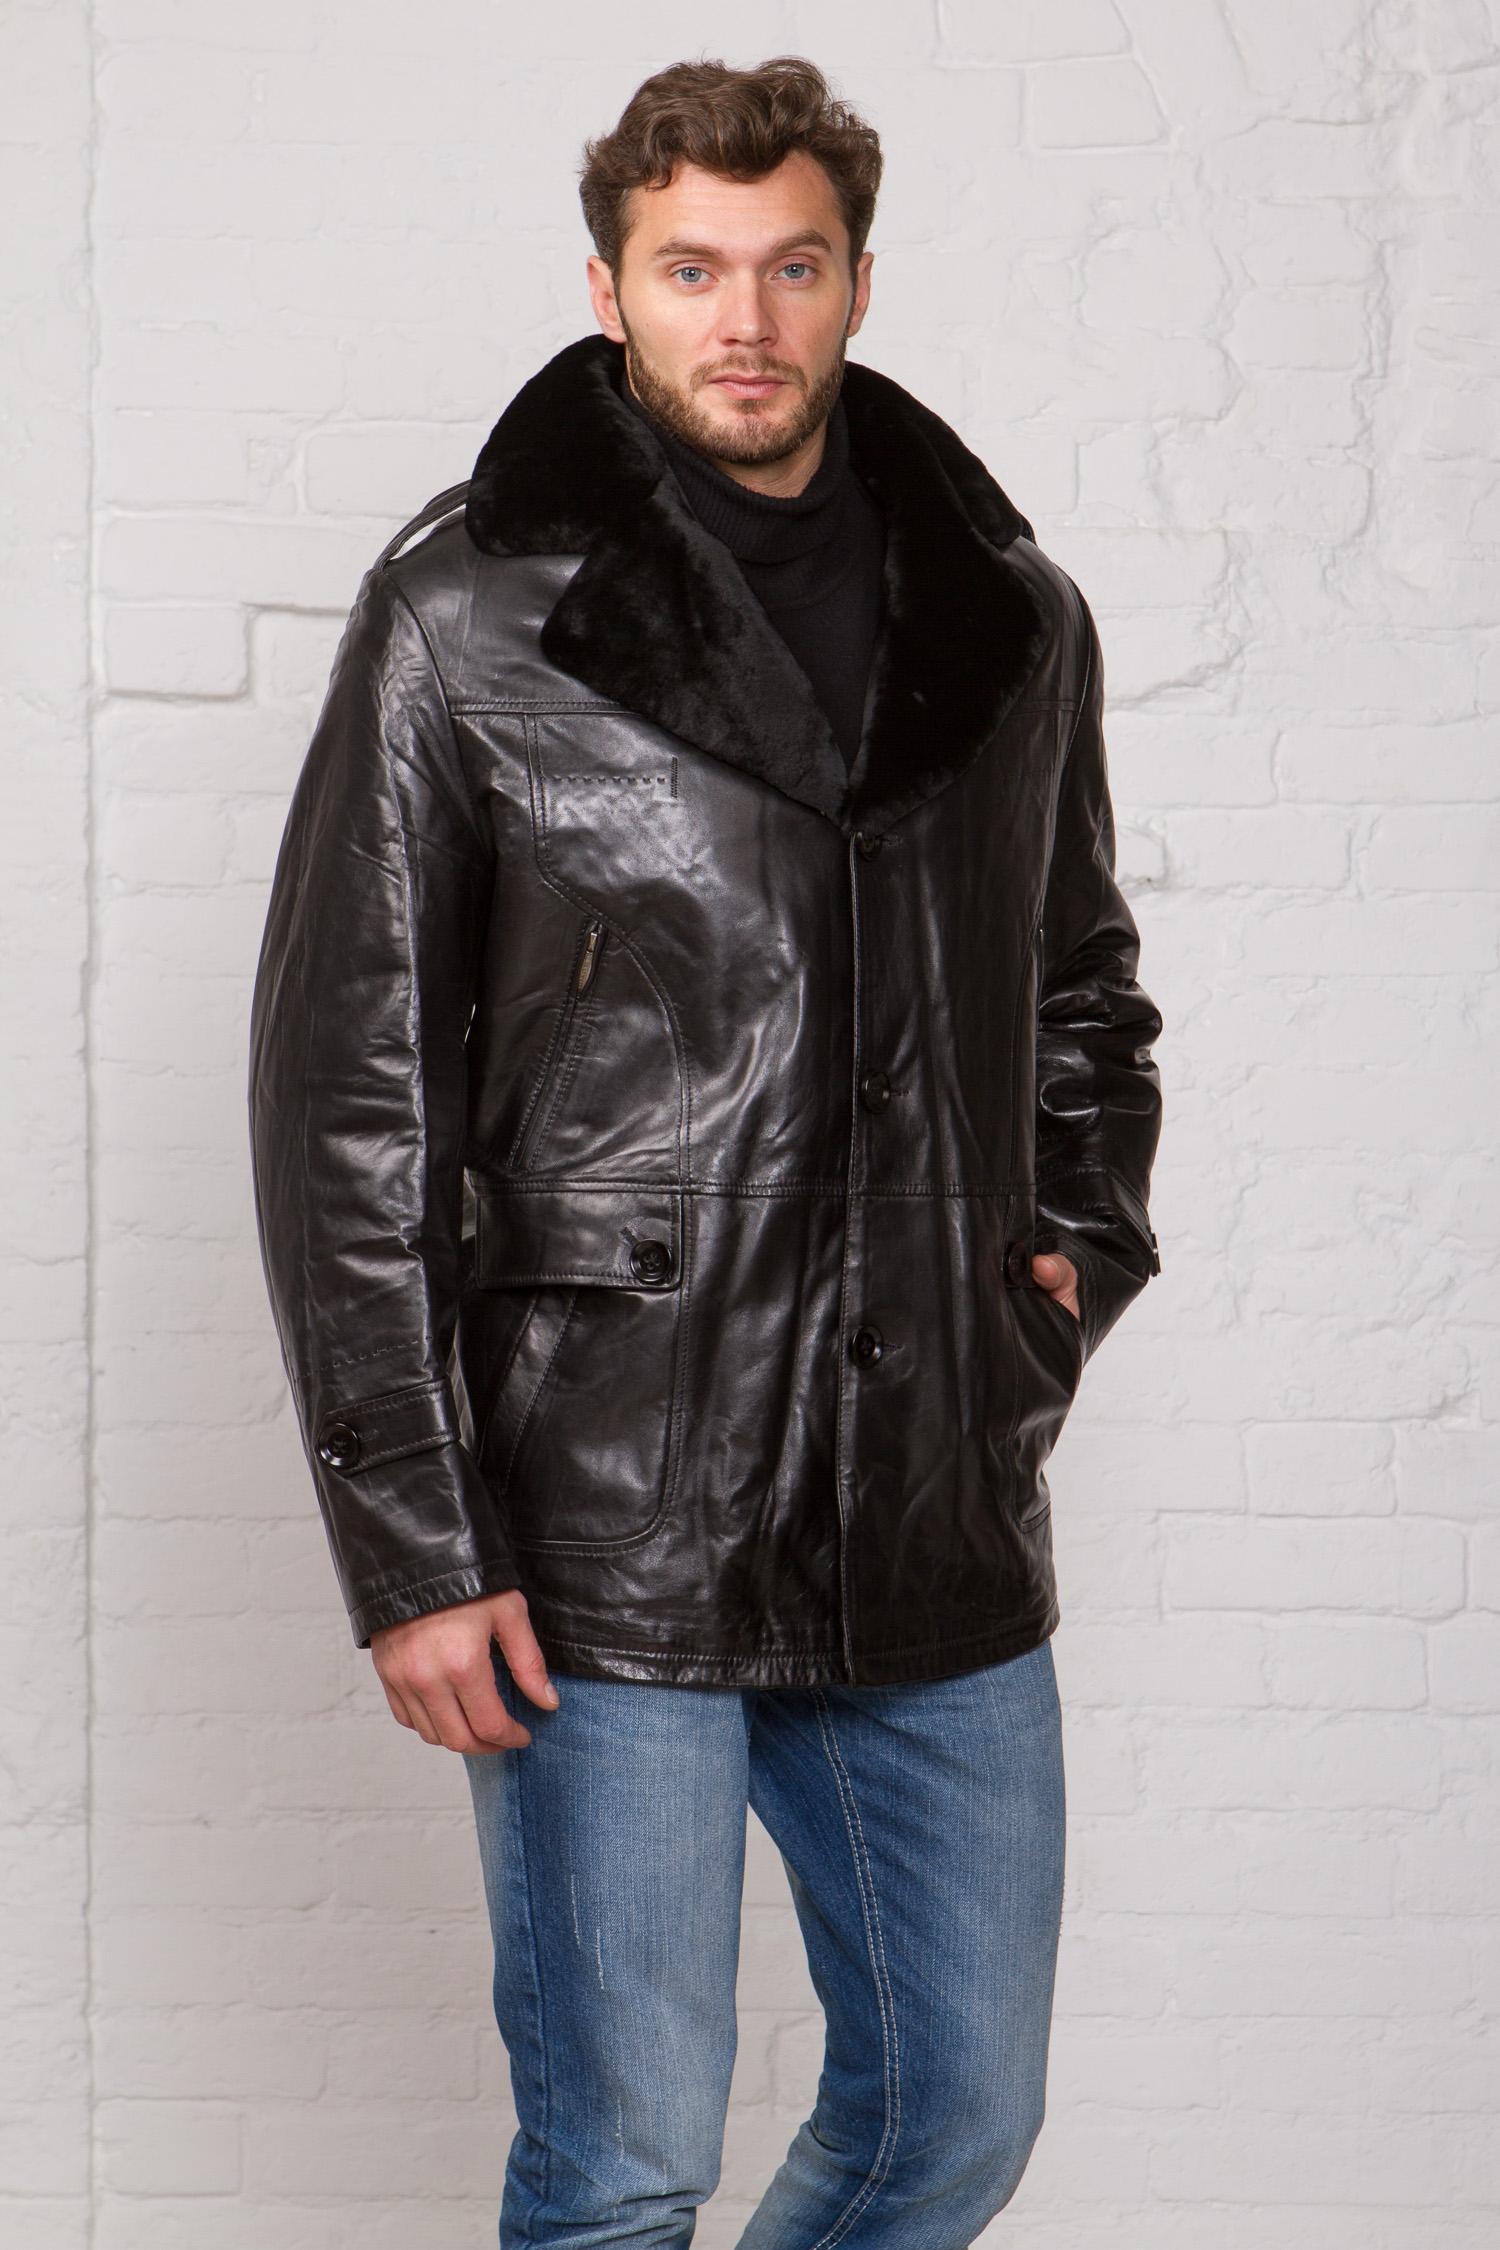 Мужская кожаная куртка из натуральной кожи на меху с воротником, без отделки<br><br>Воротник: английский<br>Длина см: Средняя (75-89 )<br>Материал: Кожа овчина<br>Цвет: черный<br>Вид застежки: центральная<br>Застежка: на пуговицы<br>Пол: Мужской<br>Размер RU: 68